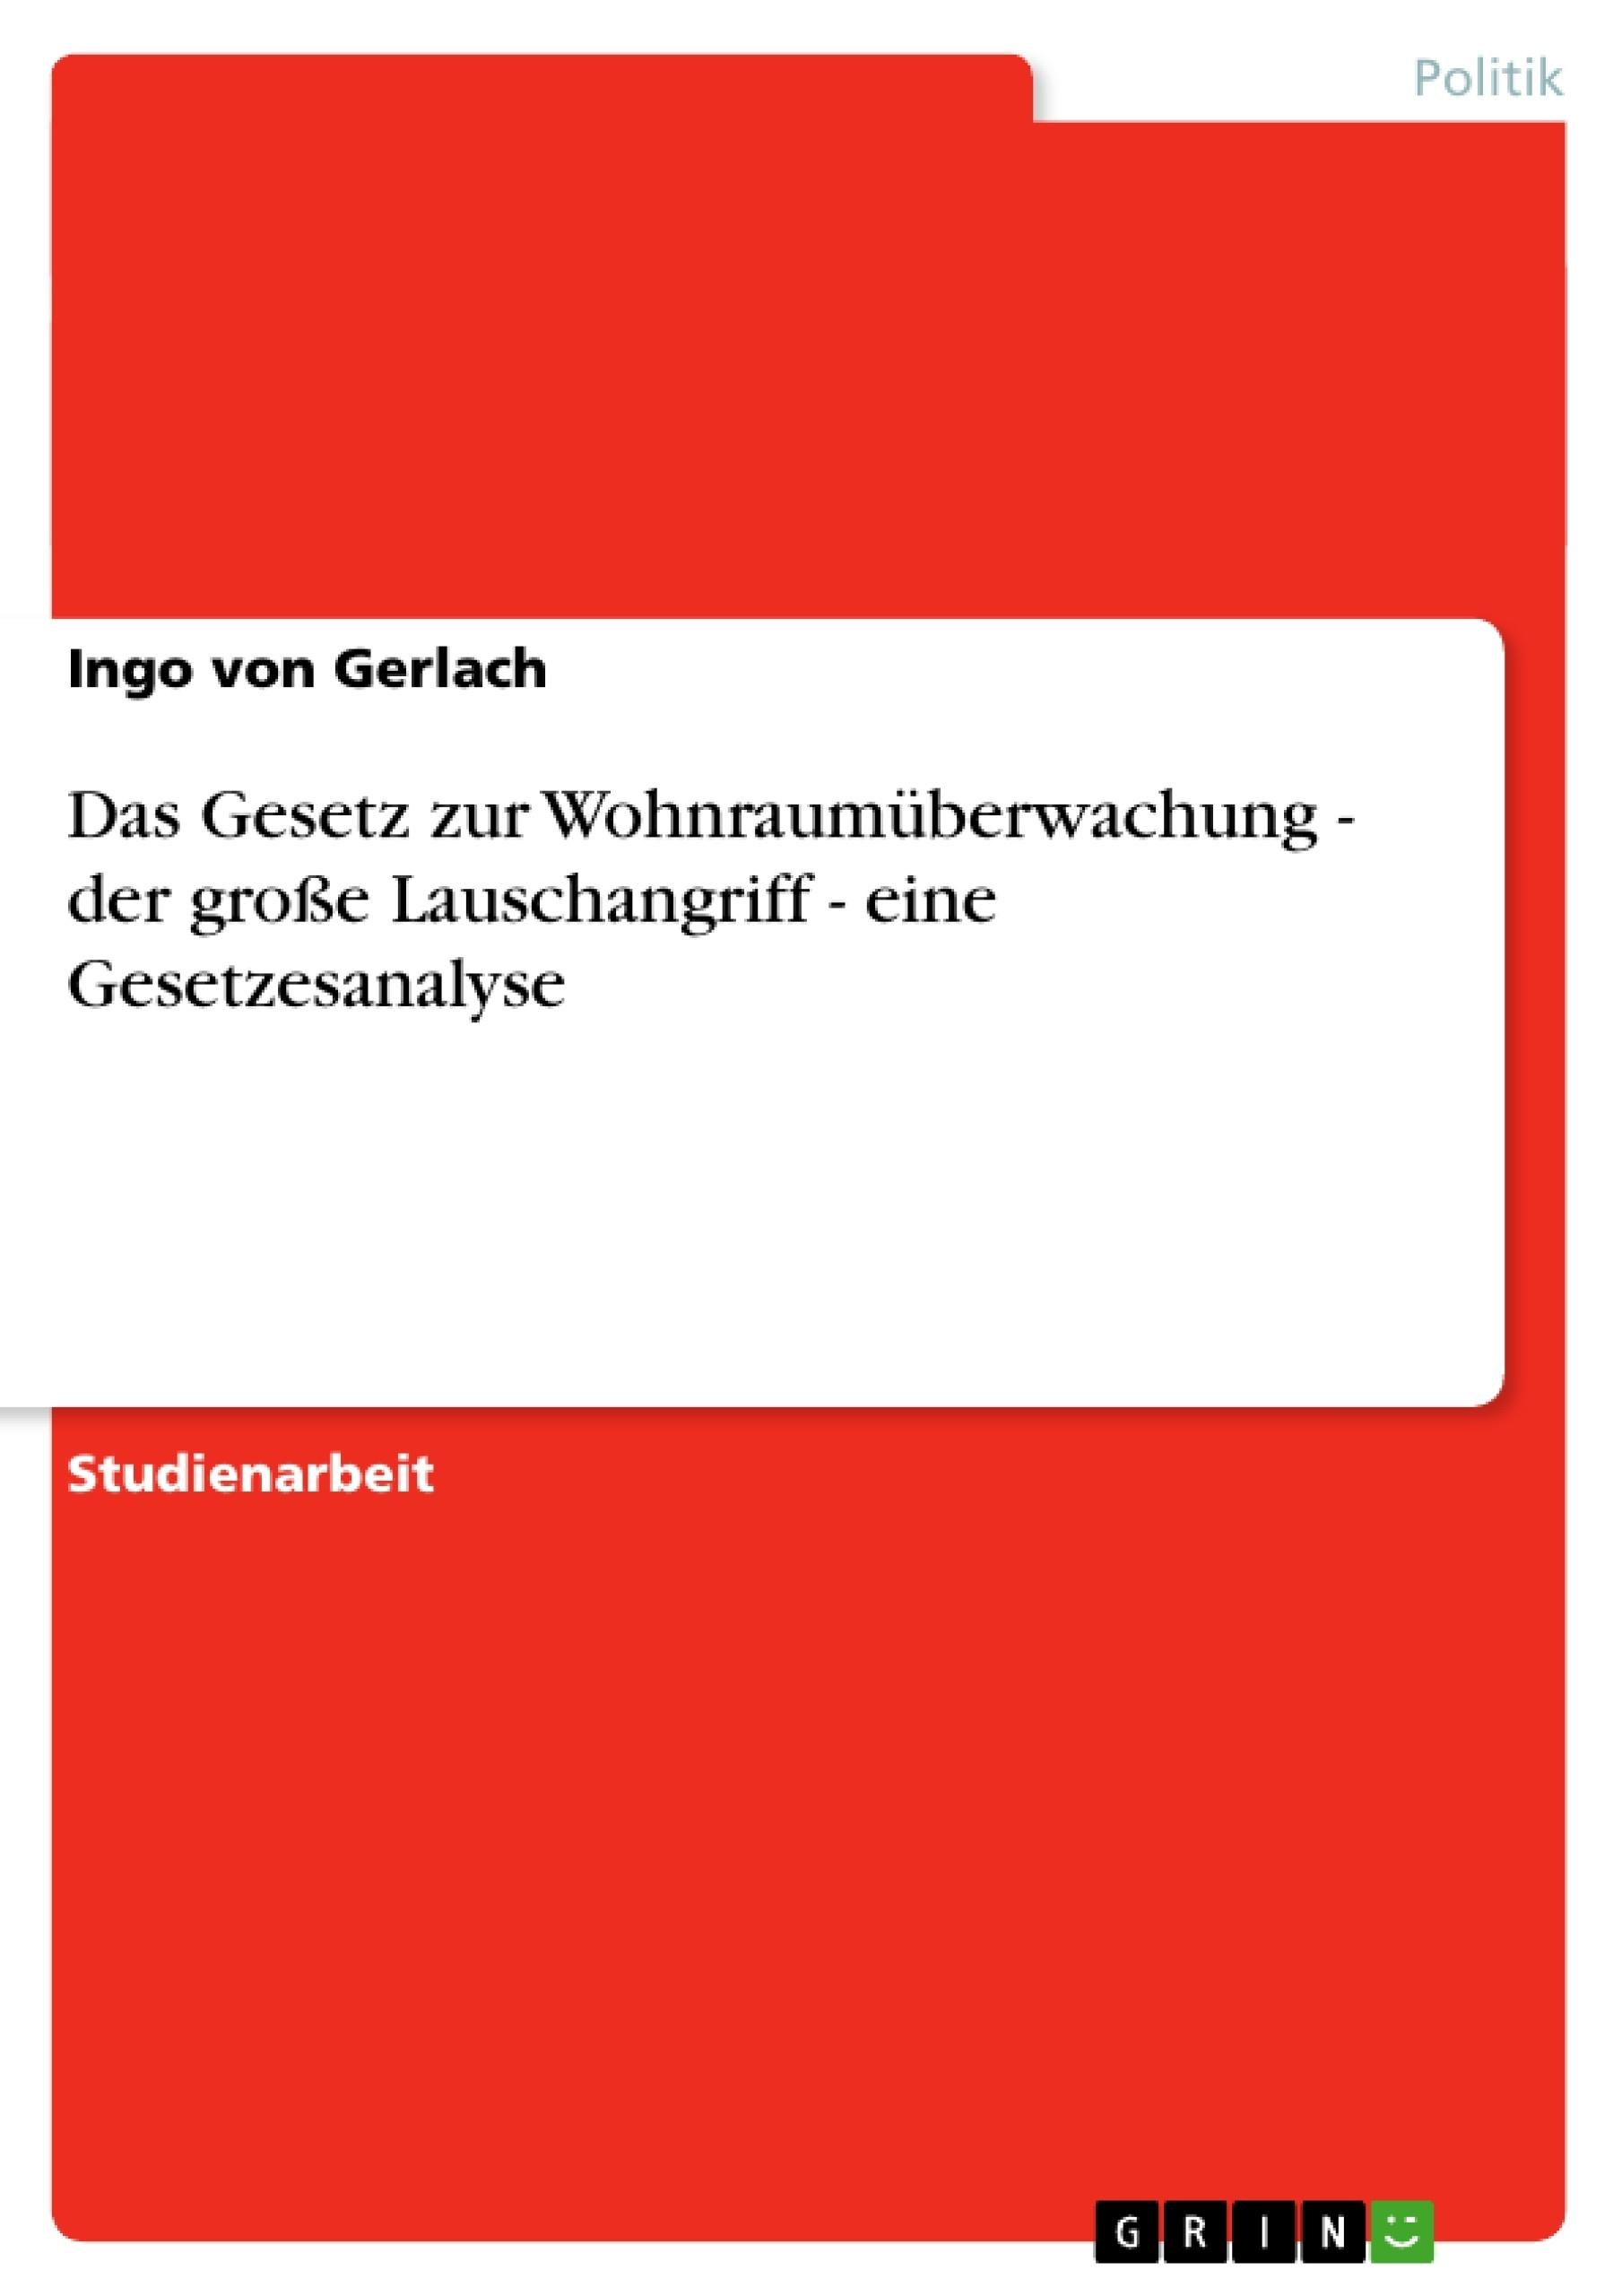 Wunderbar Arten Von Lebenslaufproben Galerie - Beispiel Business ...